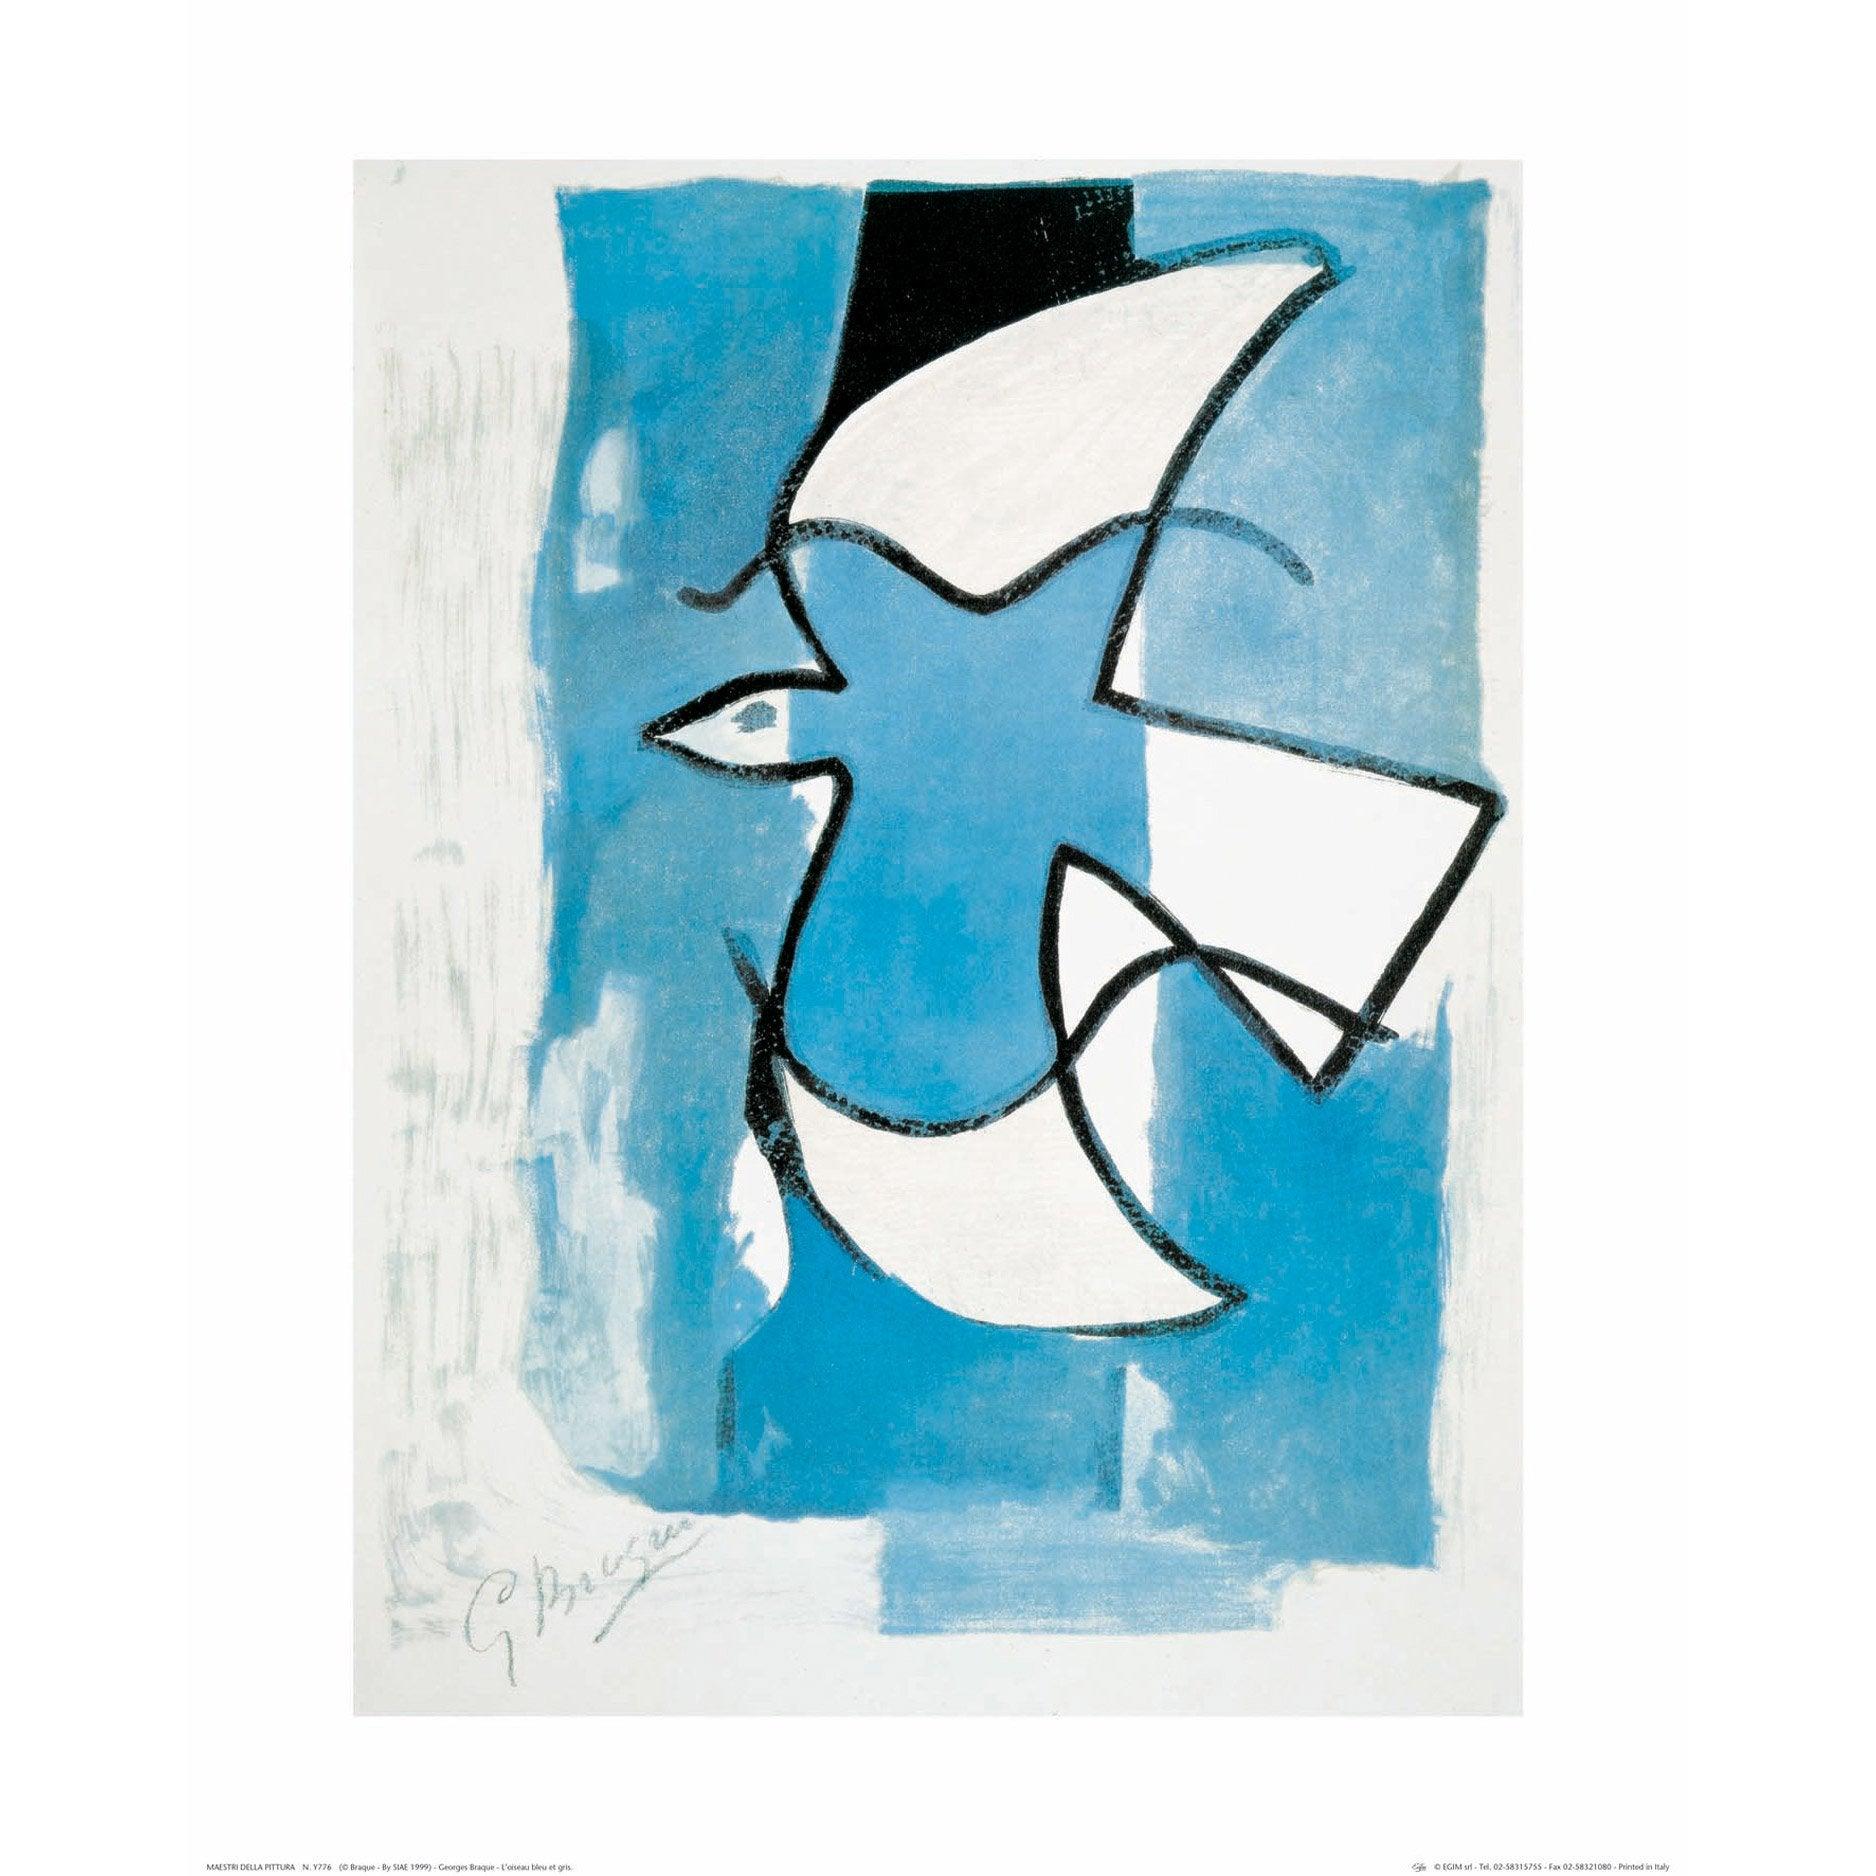 Affiche Oiseau bleu et gris l.40 x H.50 cm